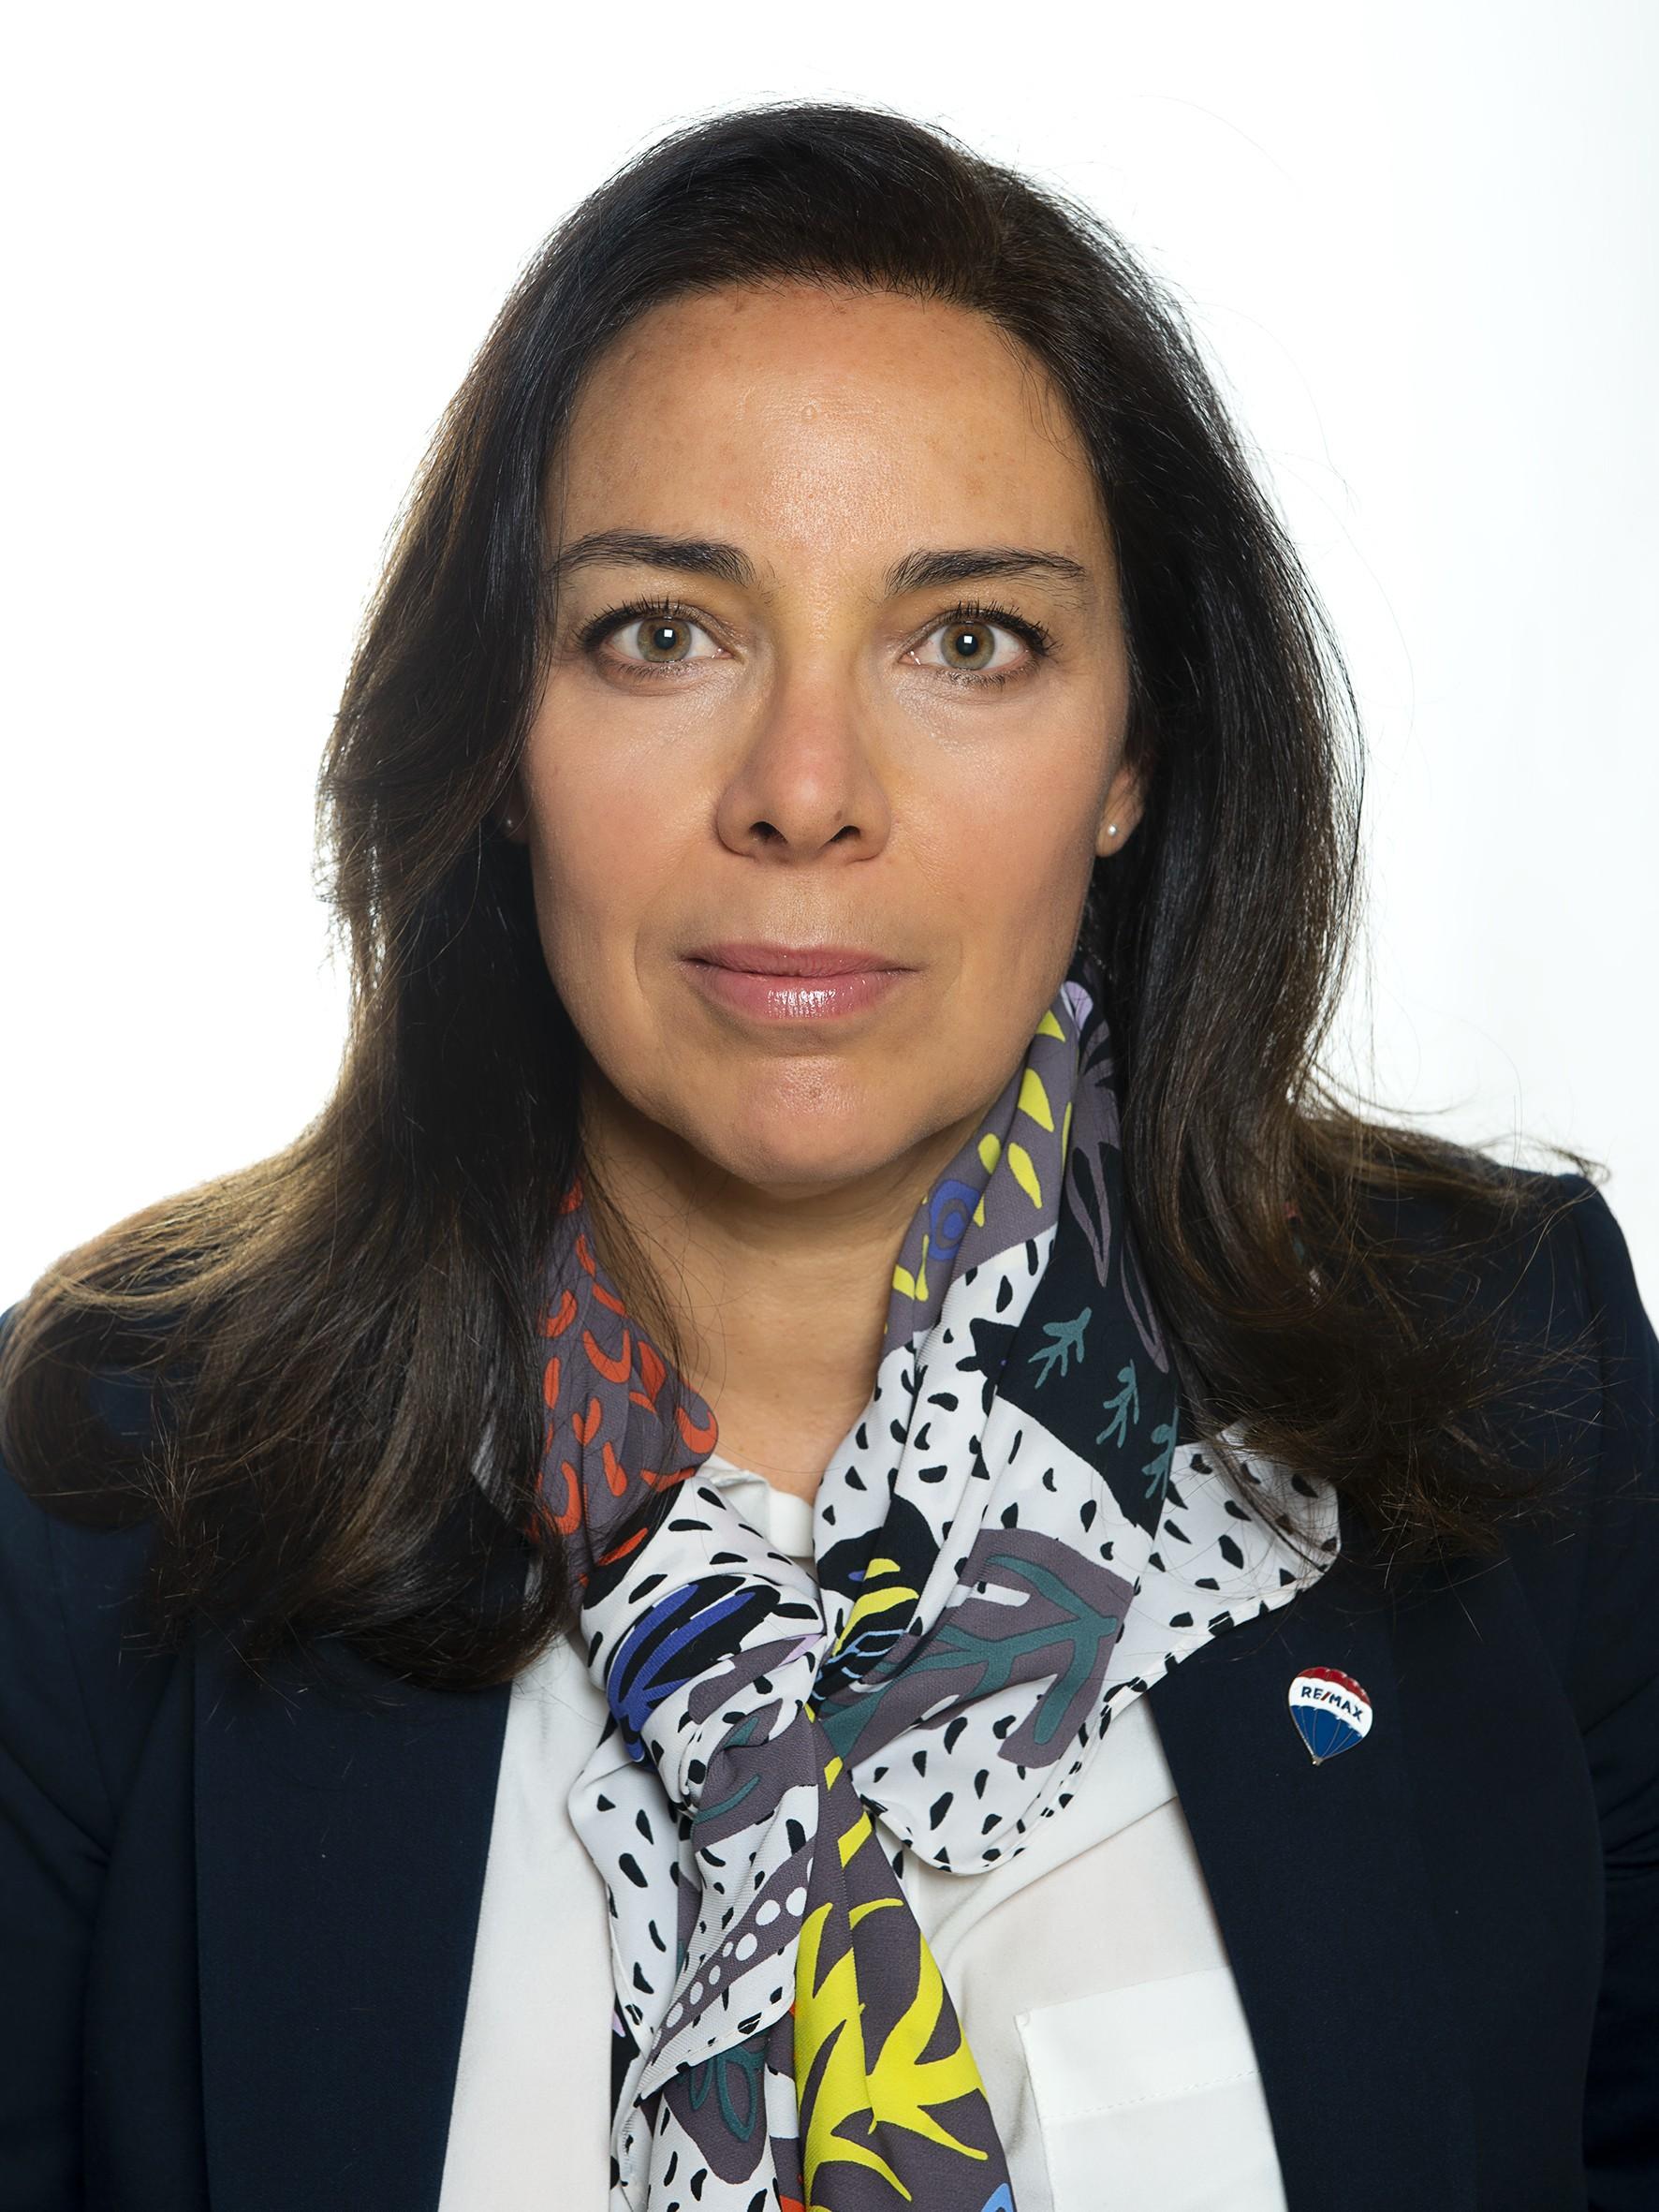 Carolina Chapo